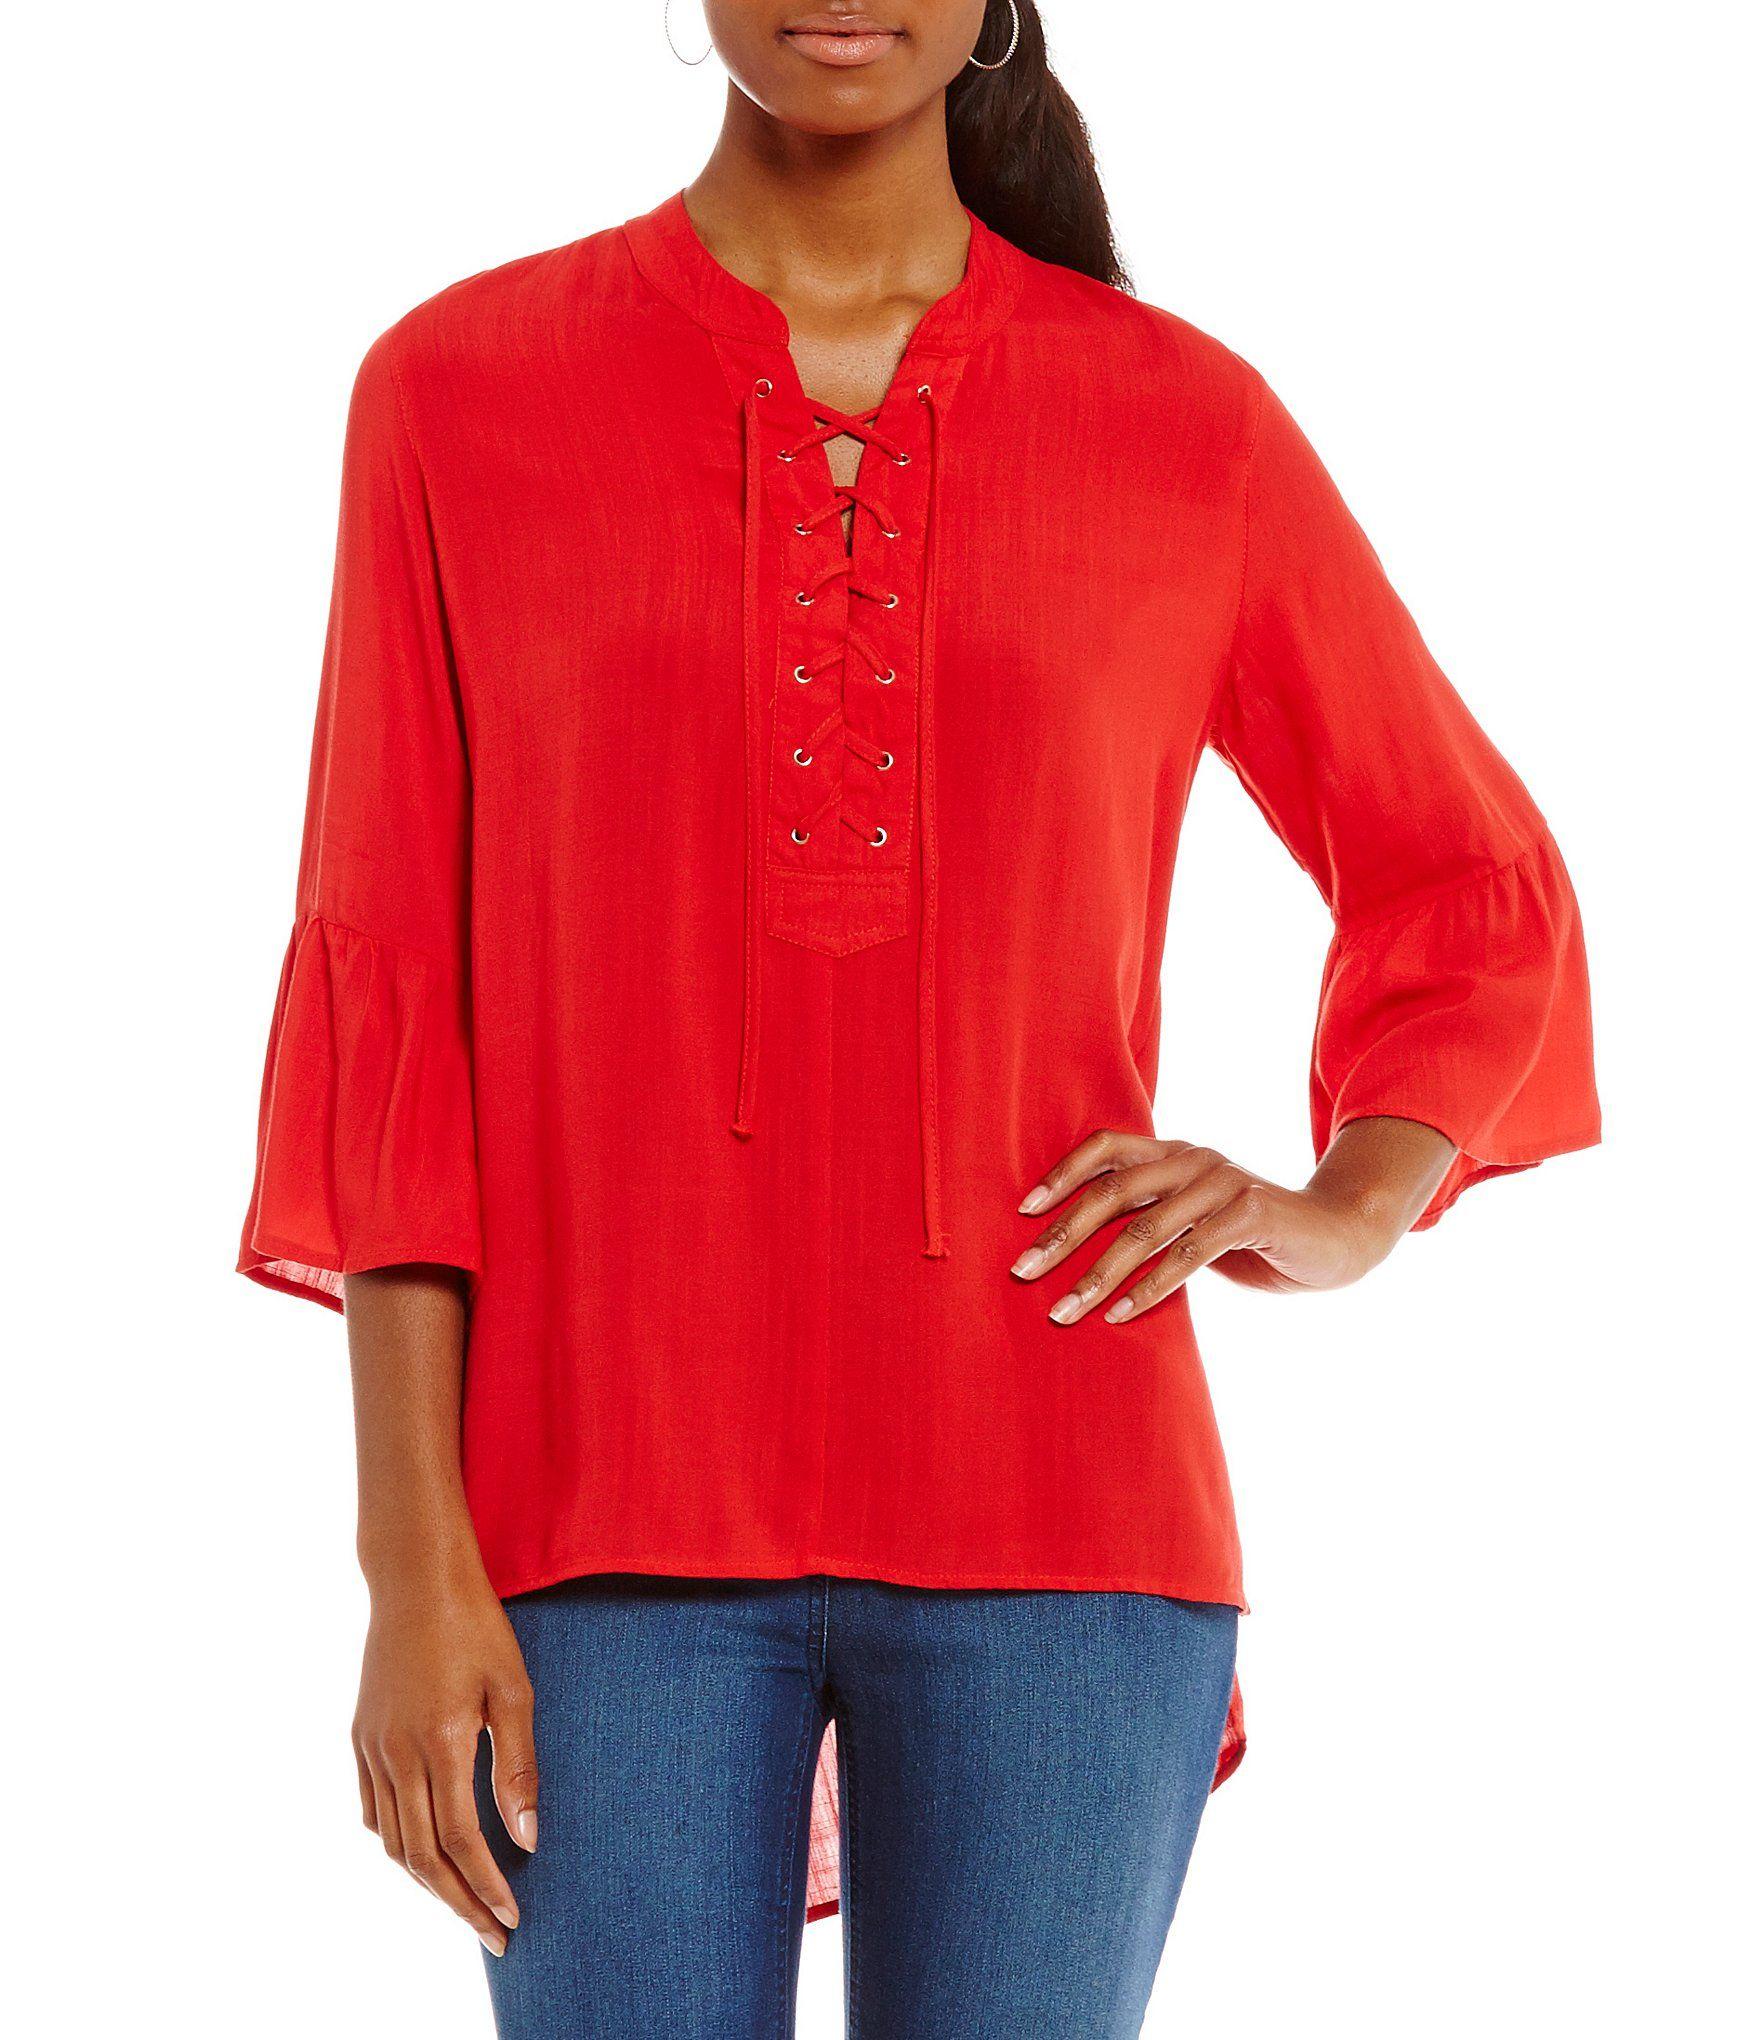 Dillards Womens Shirts And Blouses Anlis